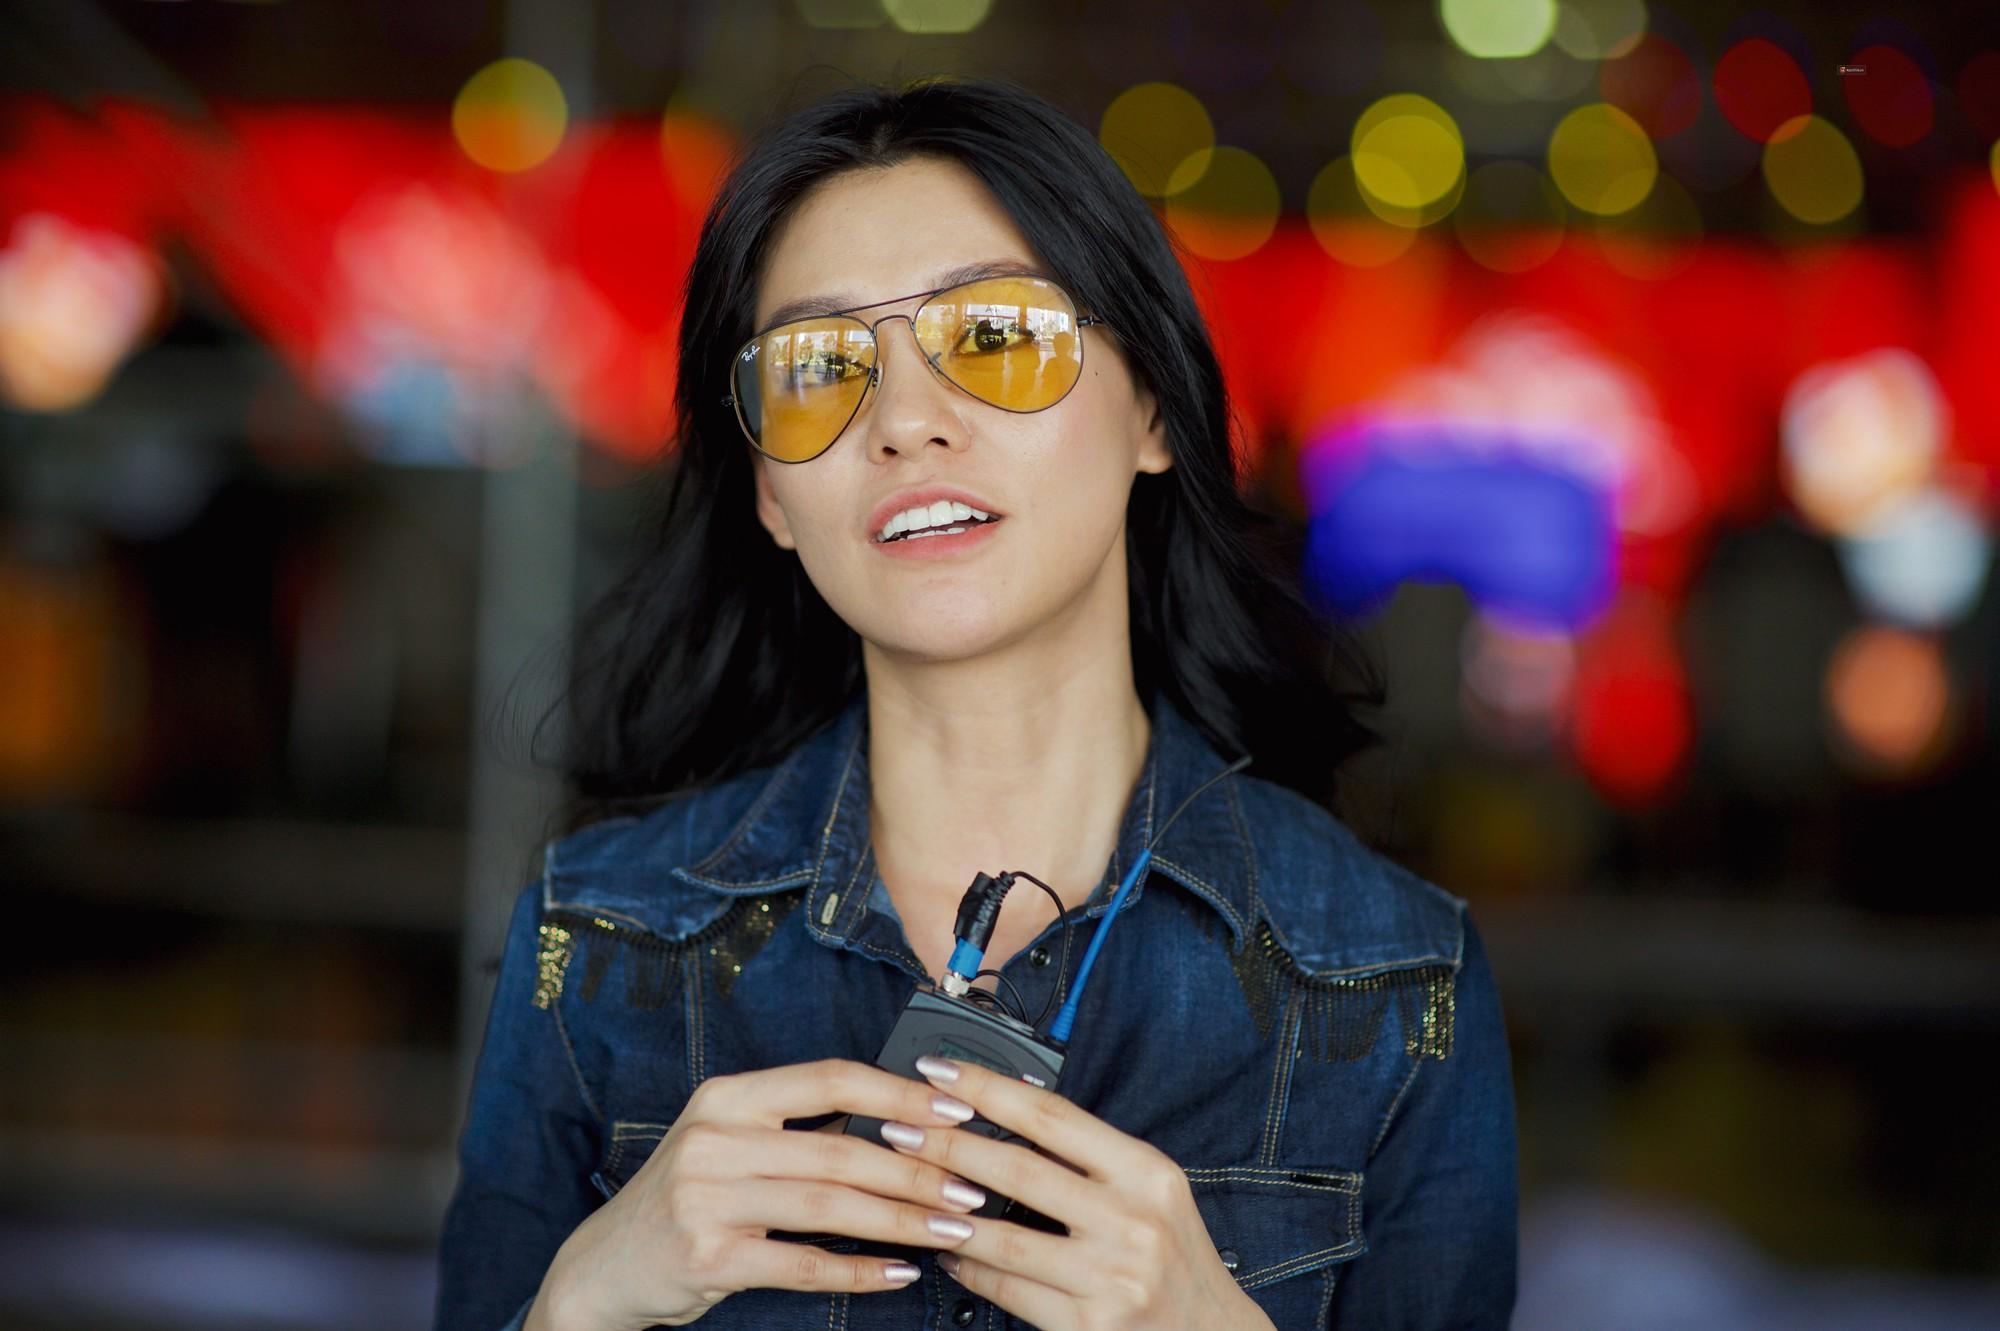 Bích Phương bất ngờ cool ngầu, trái ngược với Hiền Hồ sexy nữ tính trong buổi tổng duyệt WeChoice Awards 2018 - Ảnh 4.